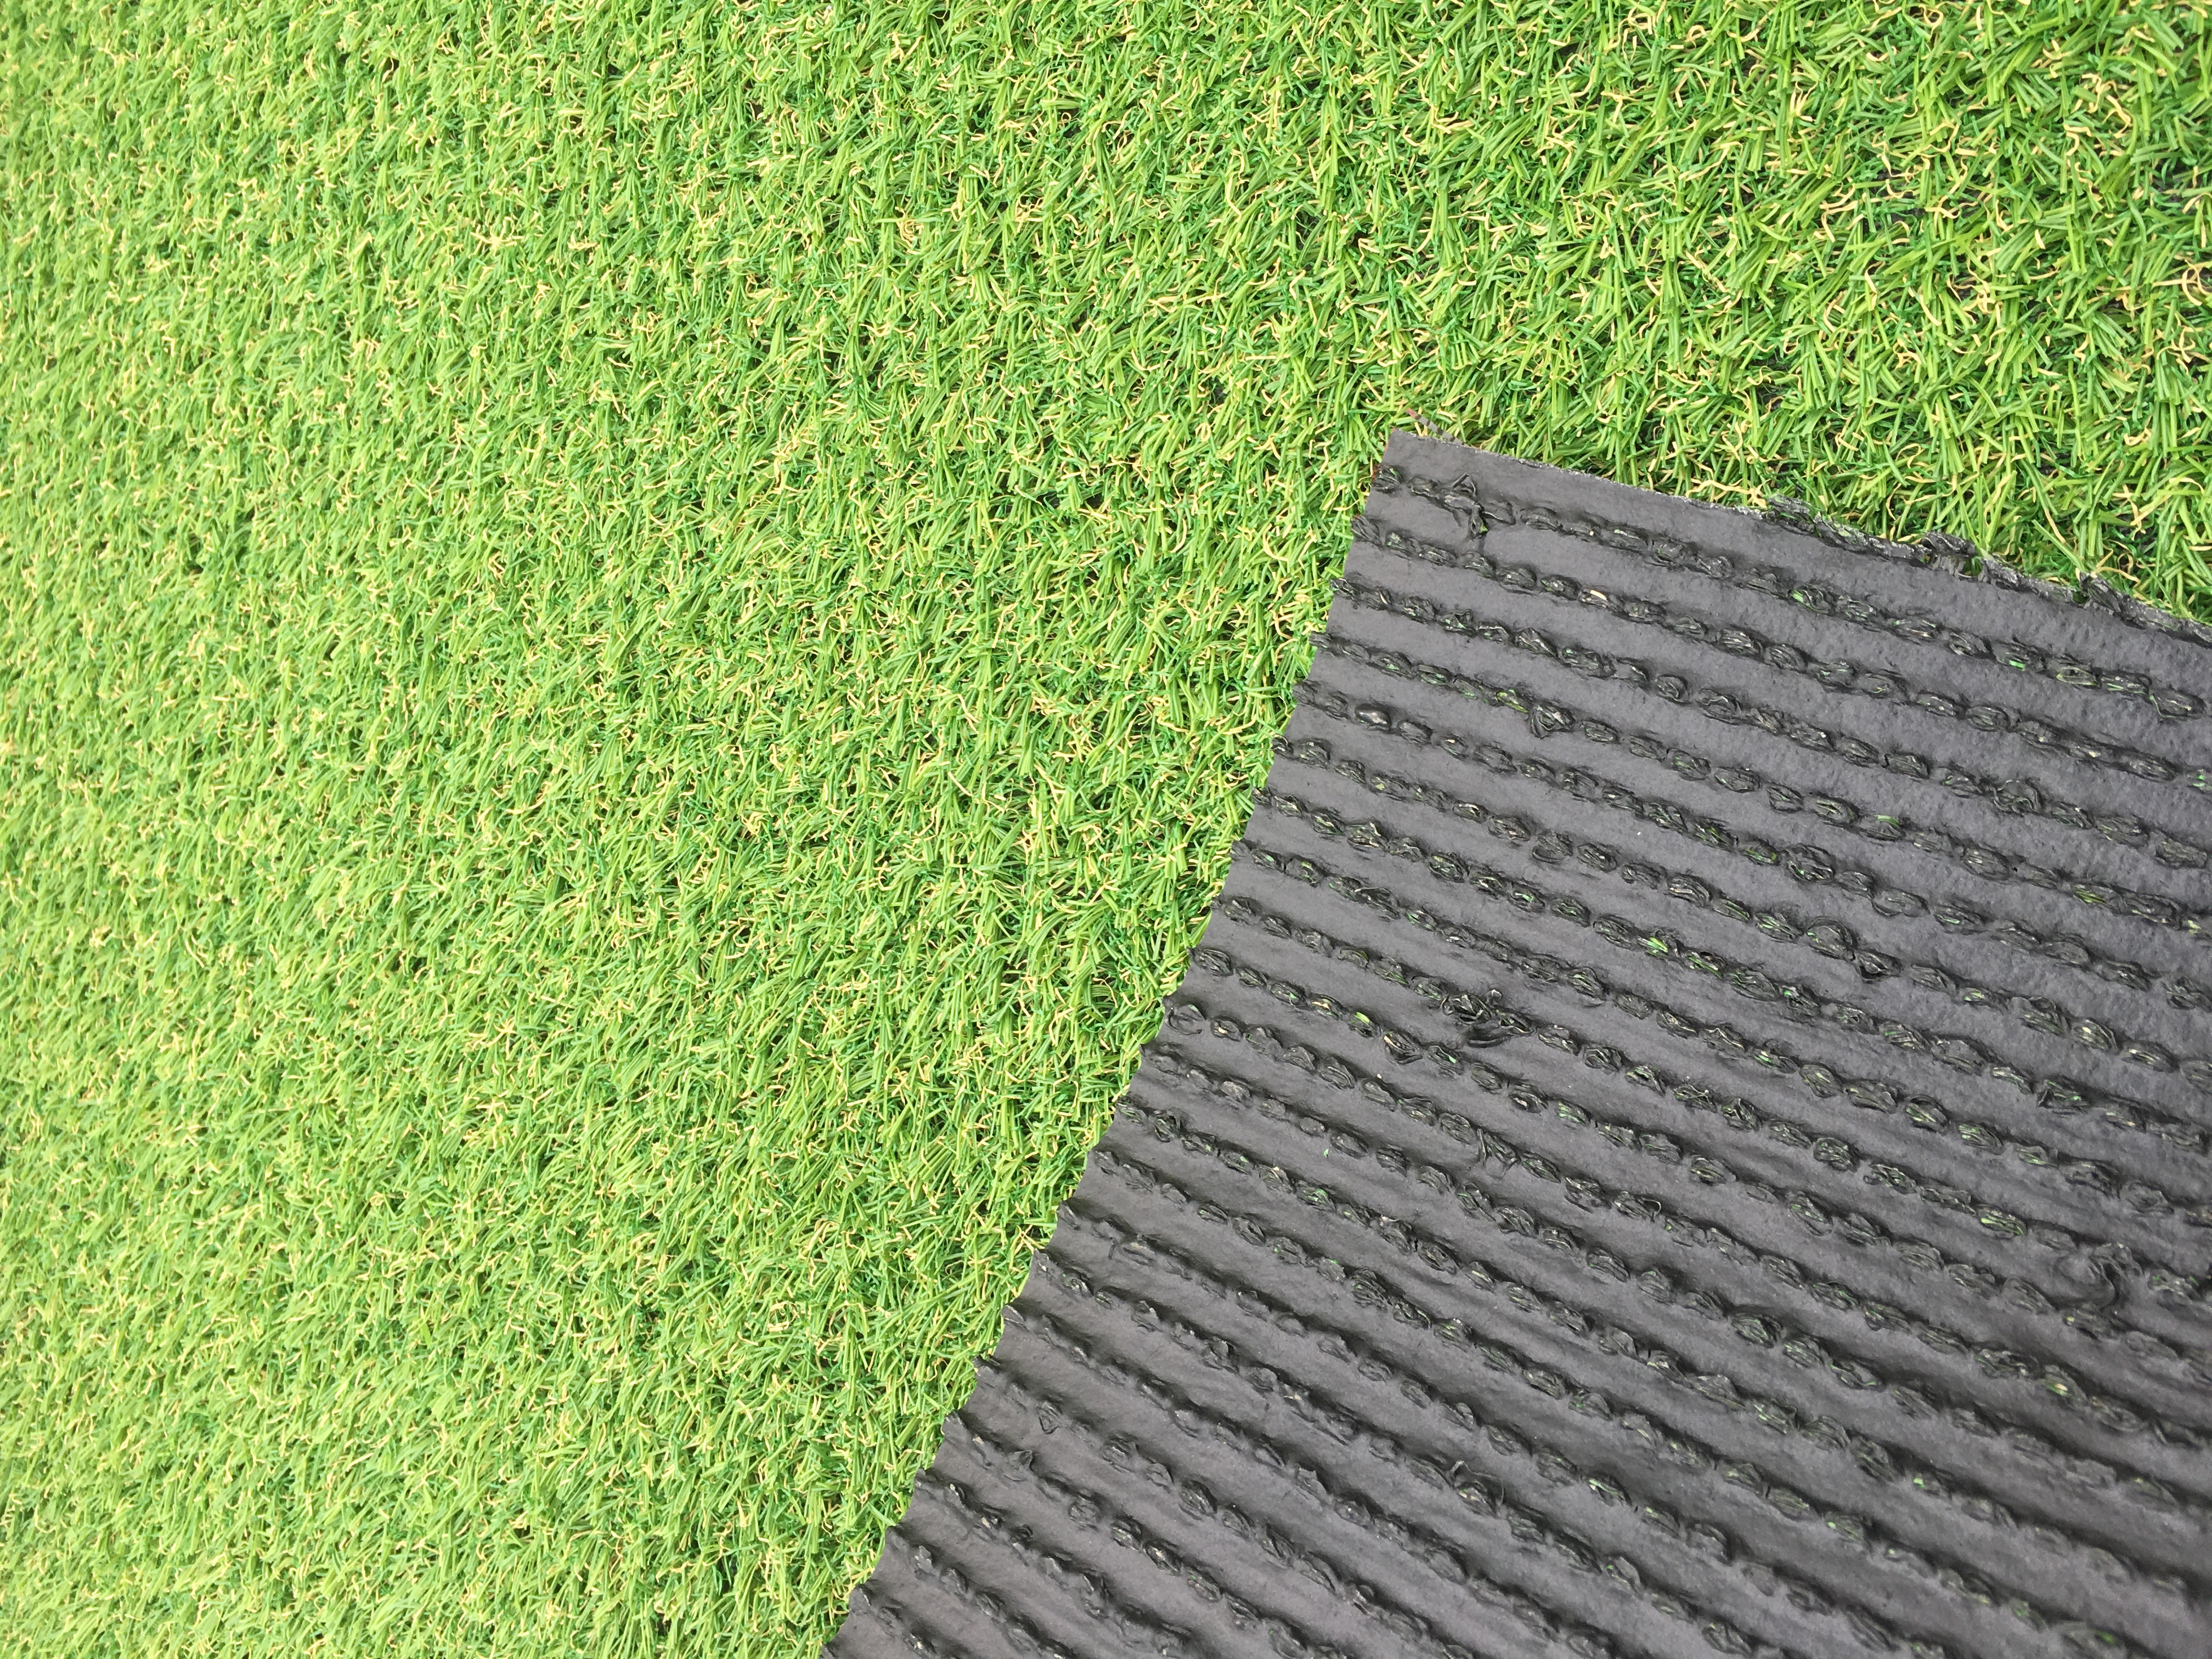 Covor Iarba Artificiala, Tip Gazon, Verde, Natura, 100% Polipropilena, 10 mm, 300x400 cm 2